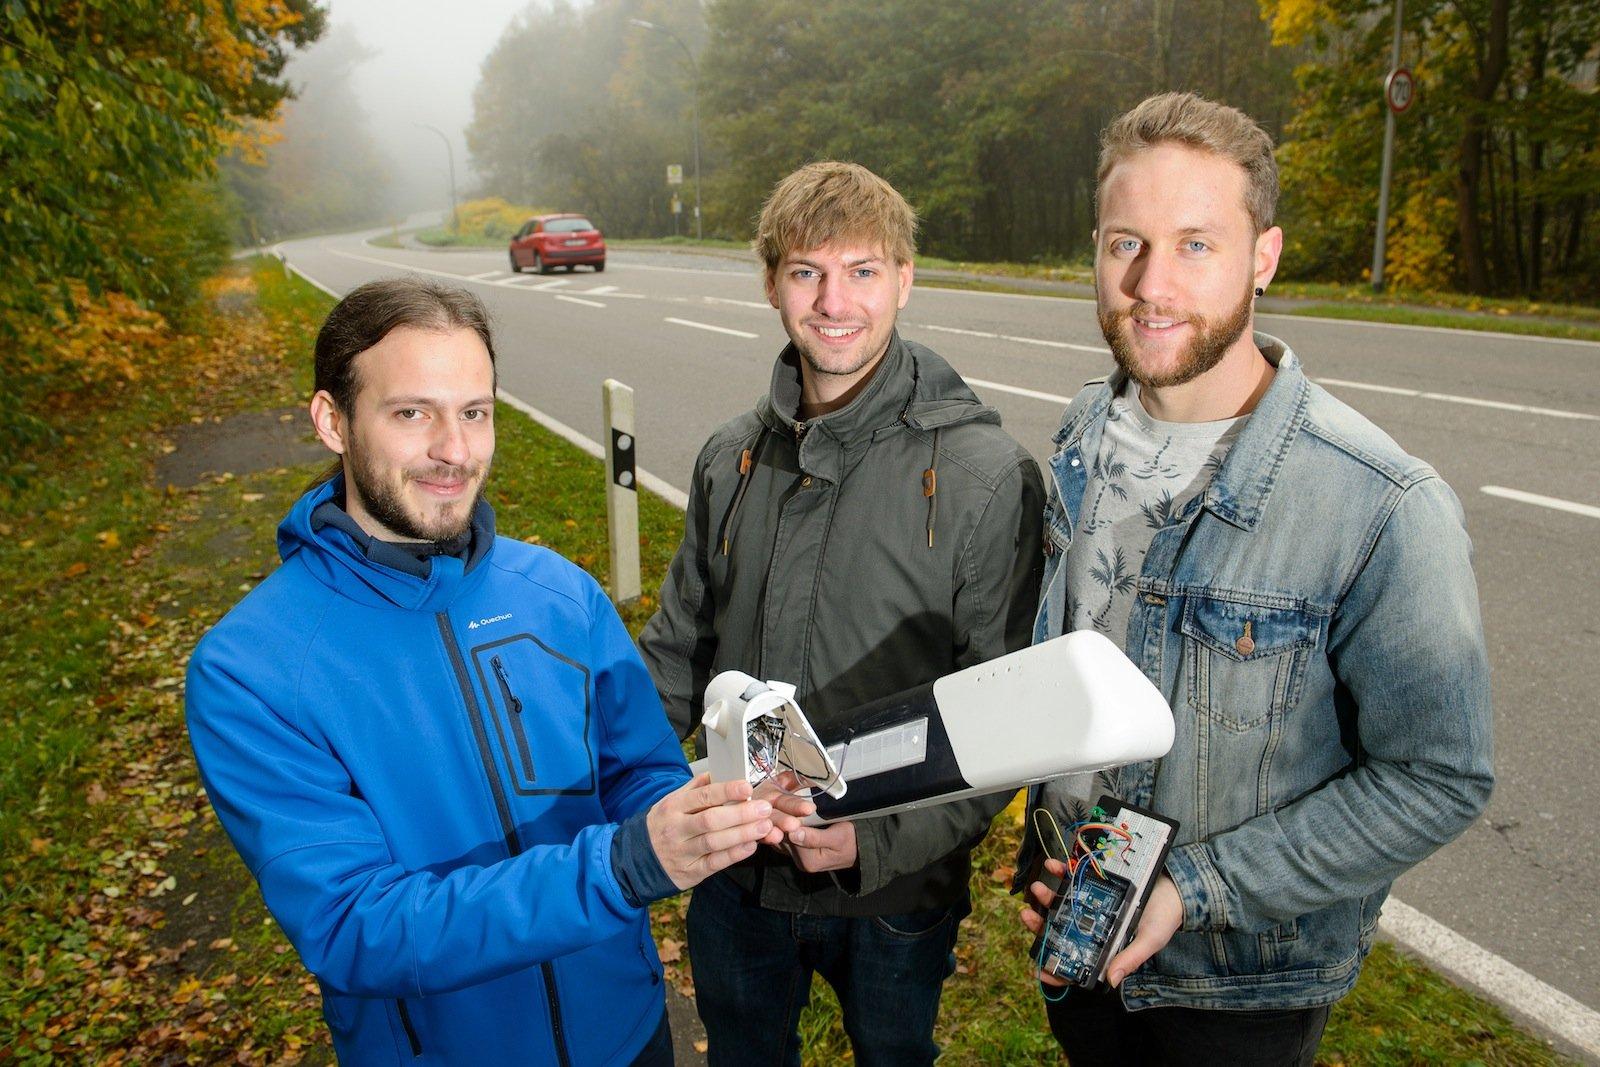 Der Prototyp, den die angehenden Ingenieure Benjamin Kirsch (li.), Daniel Gillo (Mitte) und Julian Neu (re.) an der Saar-Universität gebaut haben, wird im oberen Teil eines Leitpfostens installiert.